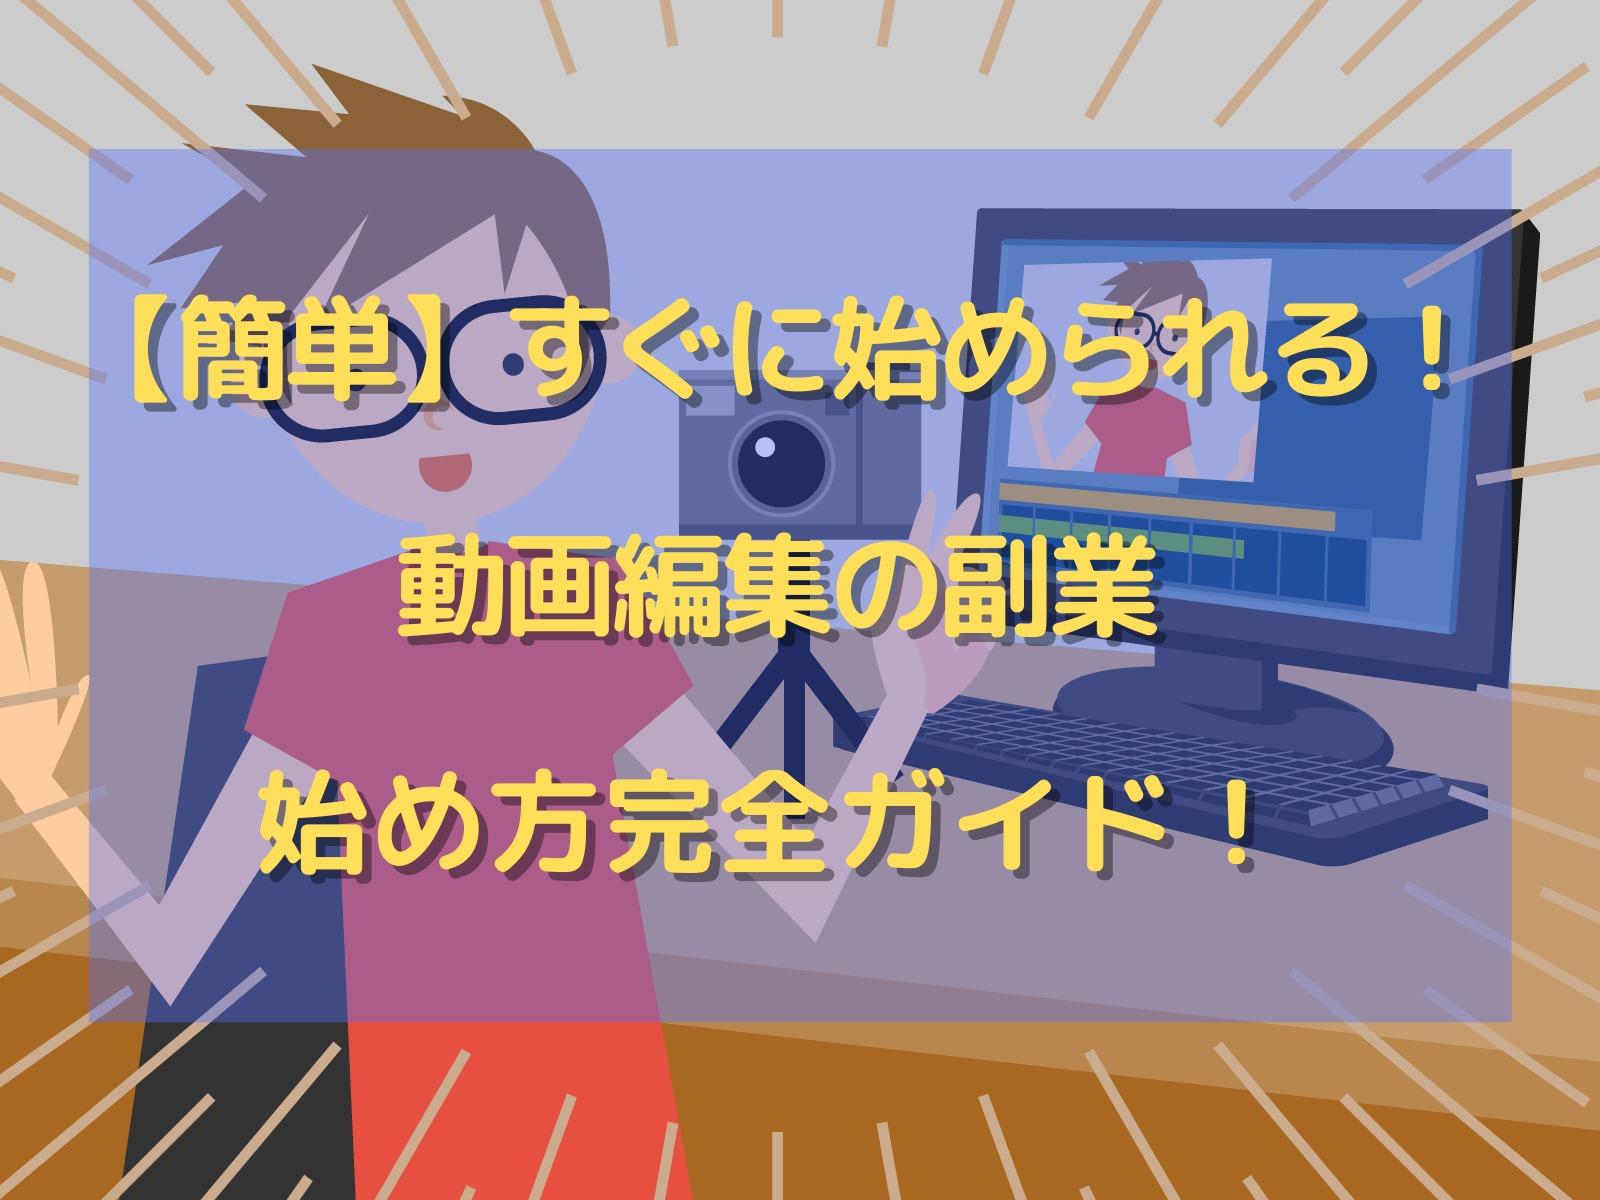 動画編集の副業始め方完全ガイド